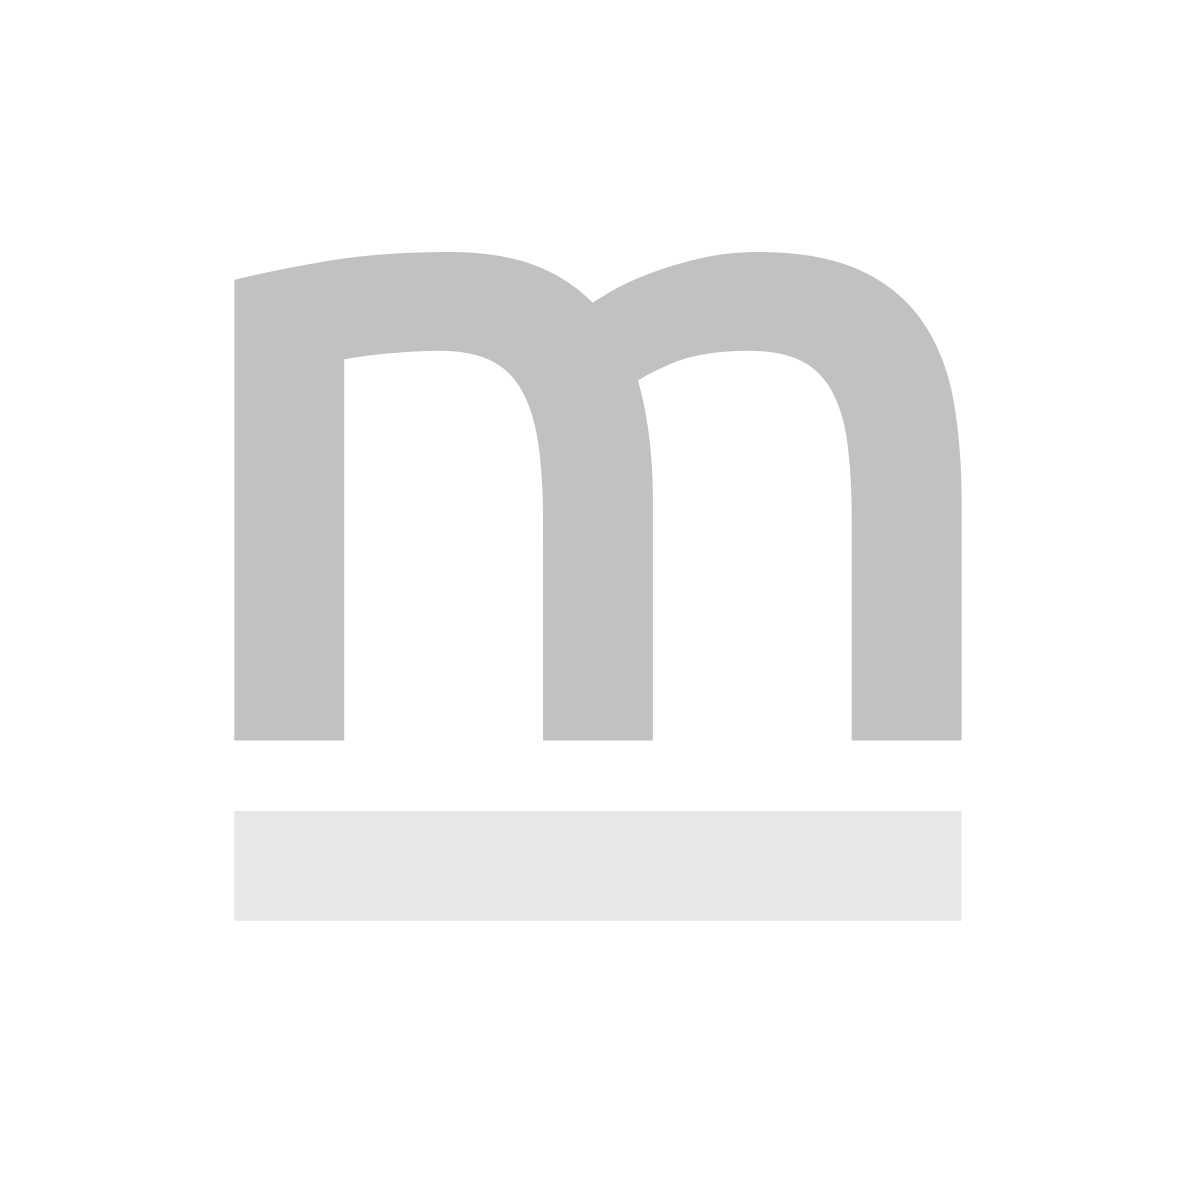 Dywan dziecięcy BLUE STARS WHITE 120x160 niebieski